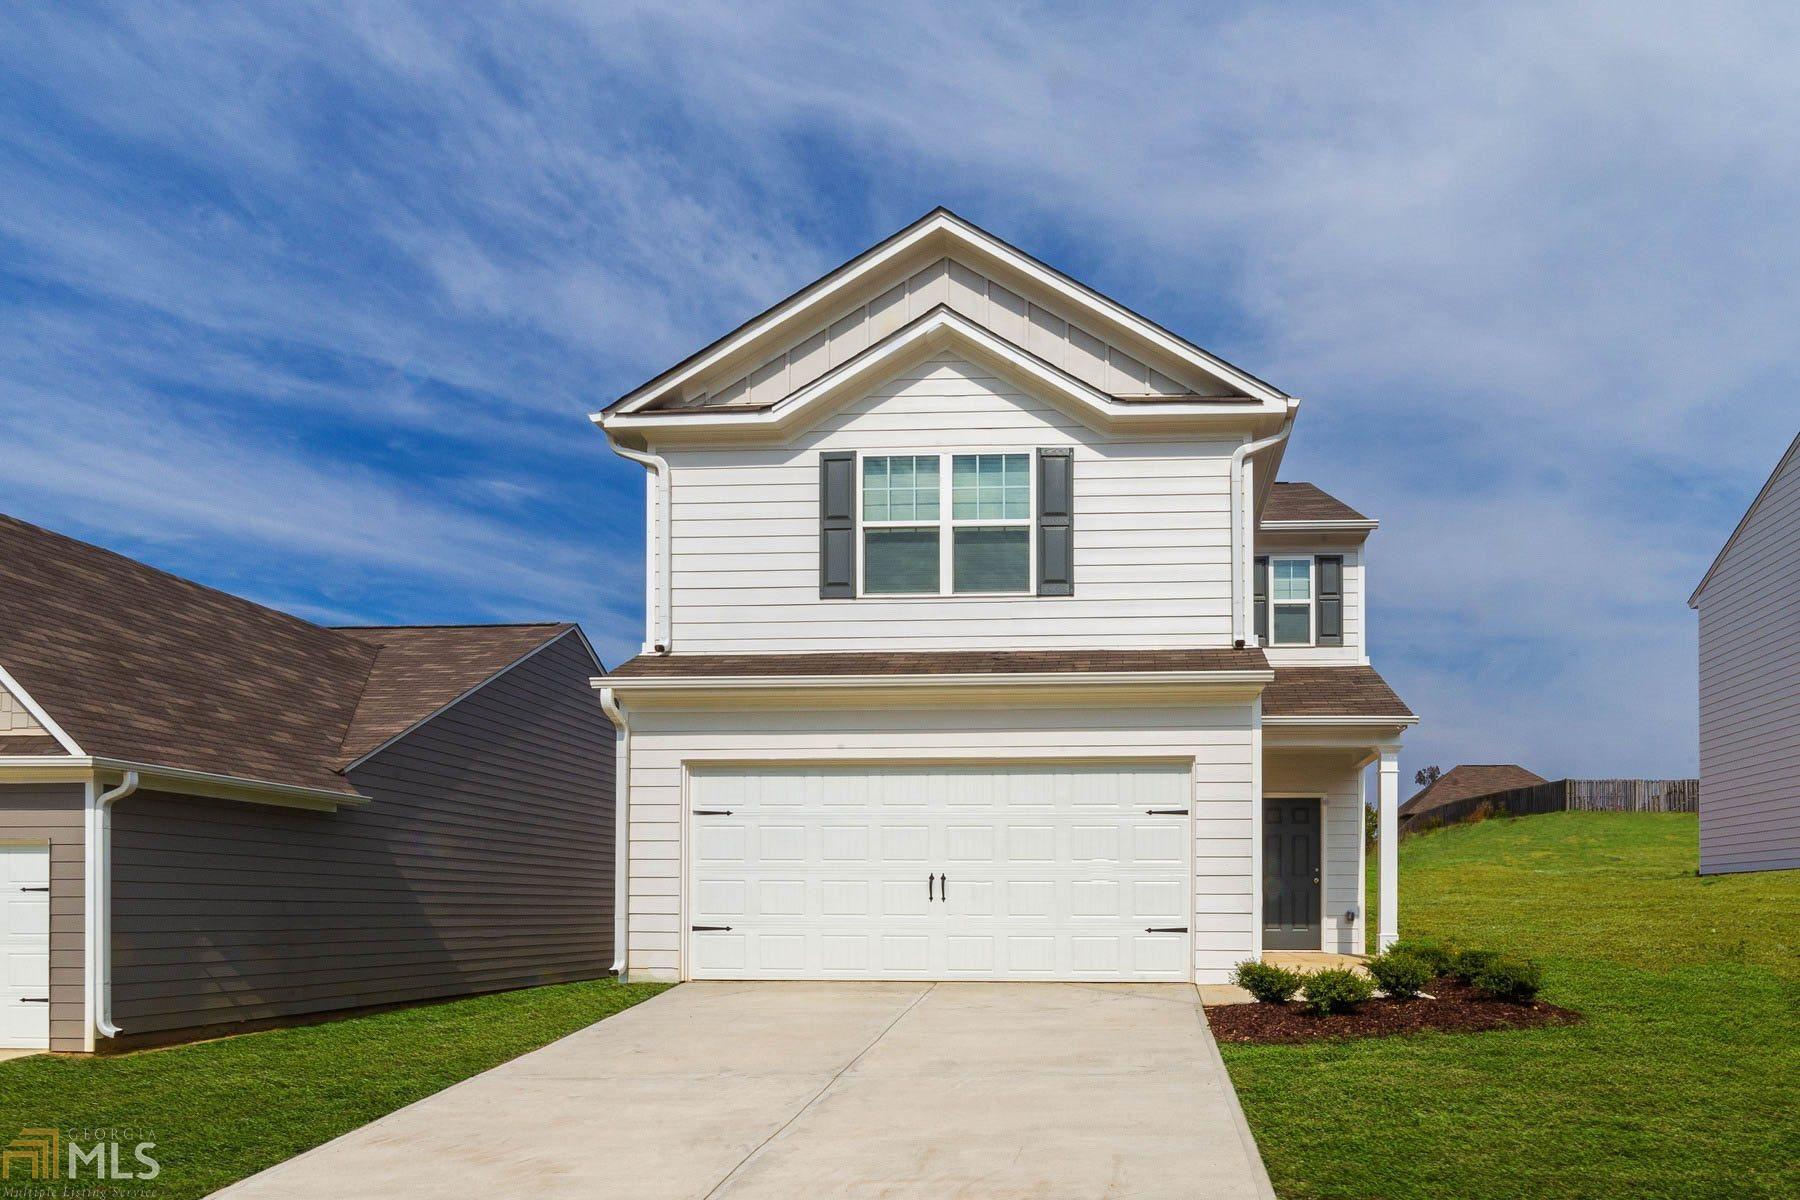 102 Cypress Pt, Cartersville, GA 30120 - #: 8888812